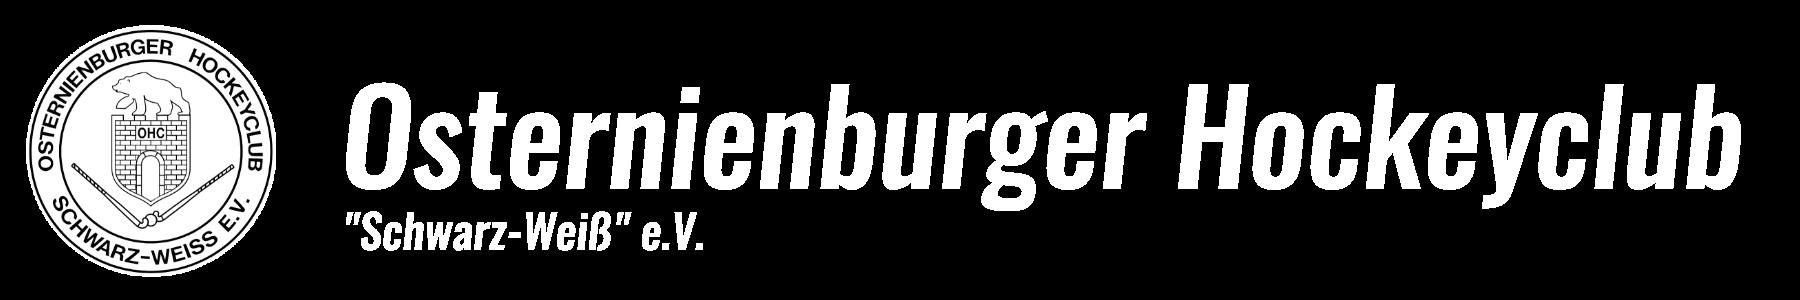 🏑  Osternienburger Hockeyclub